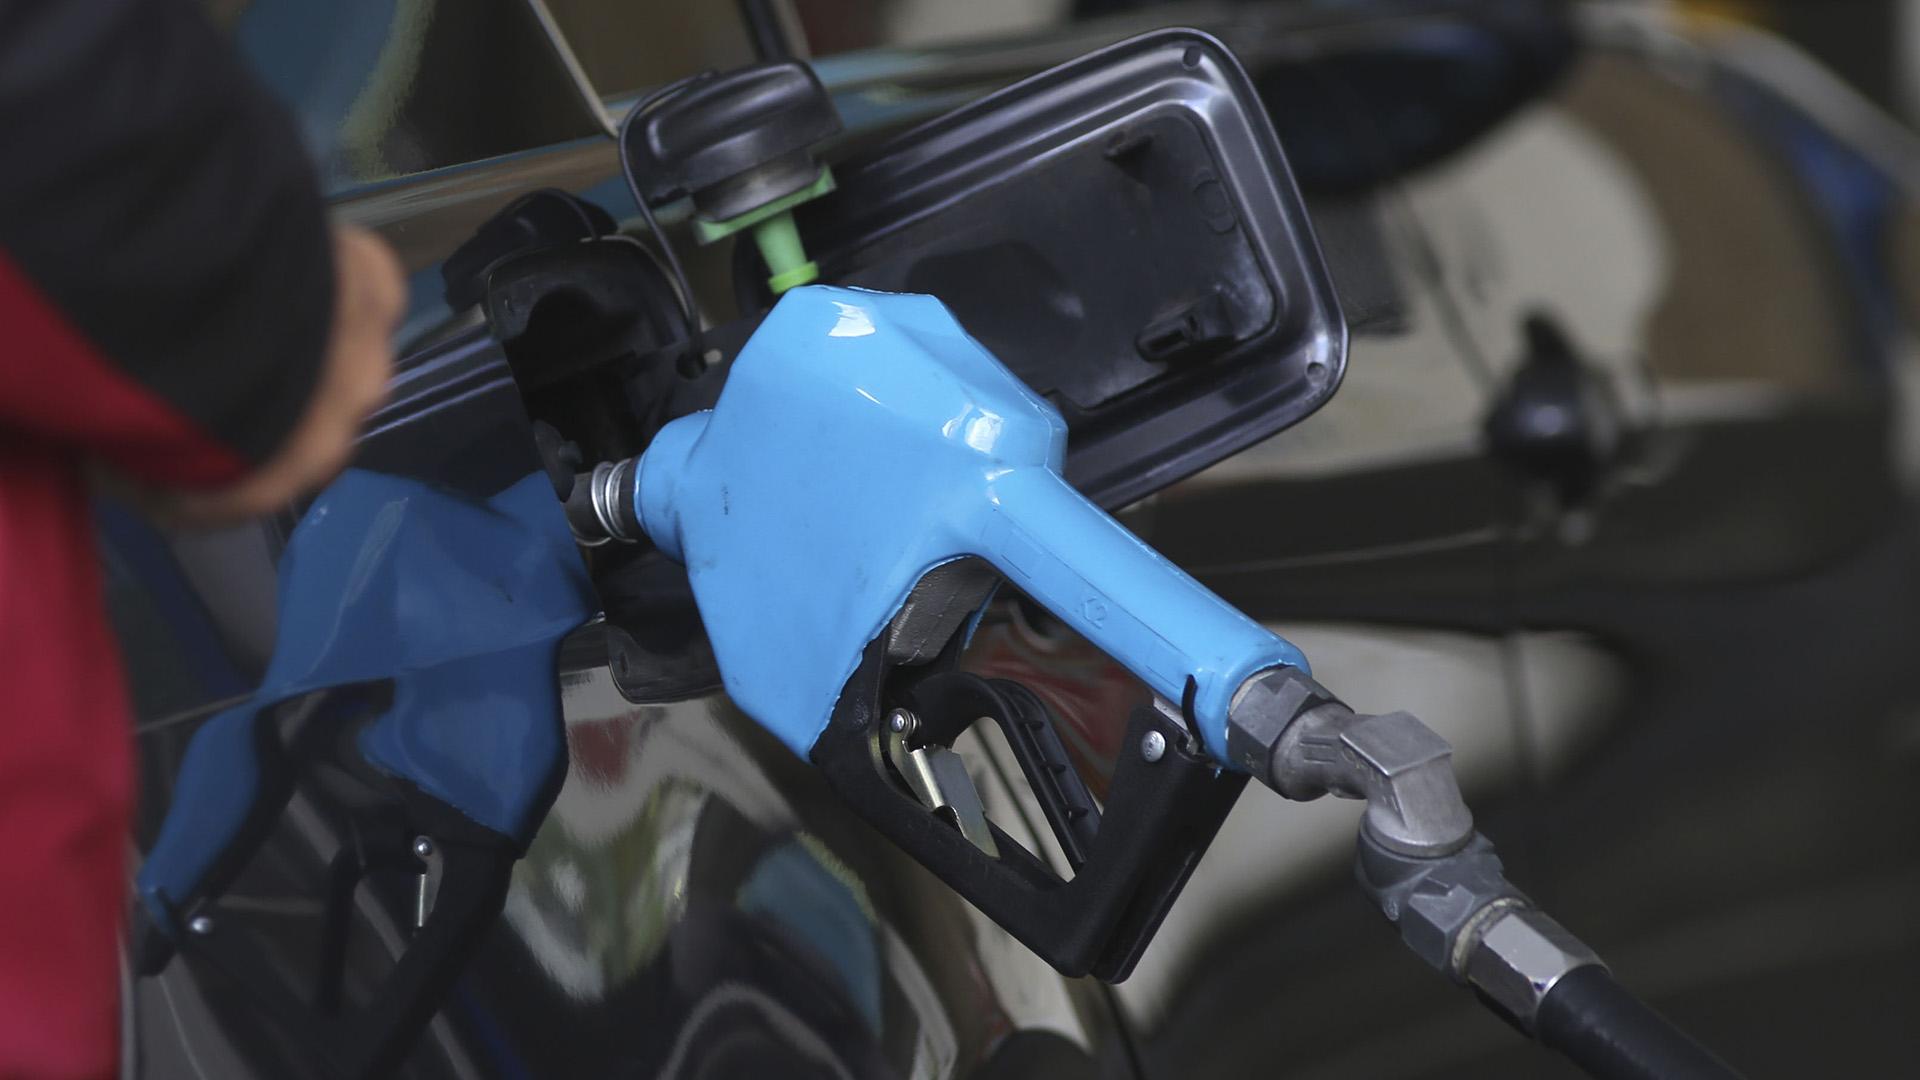 Mañana aumentan nuevamente un 6% los precios de los combustibles